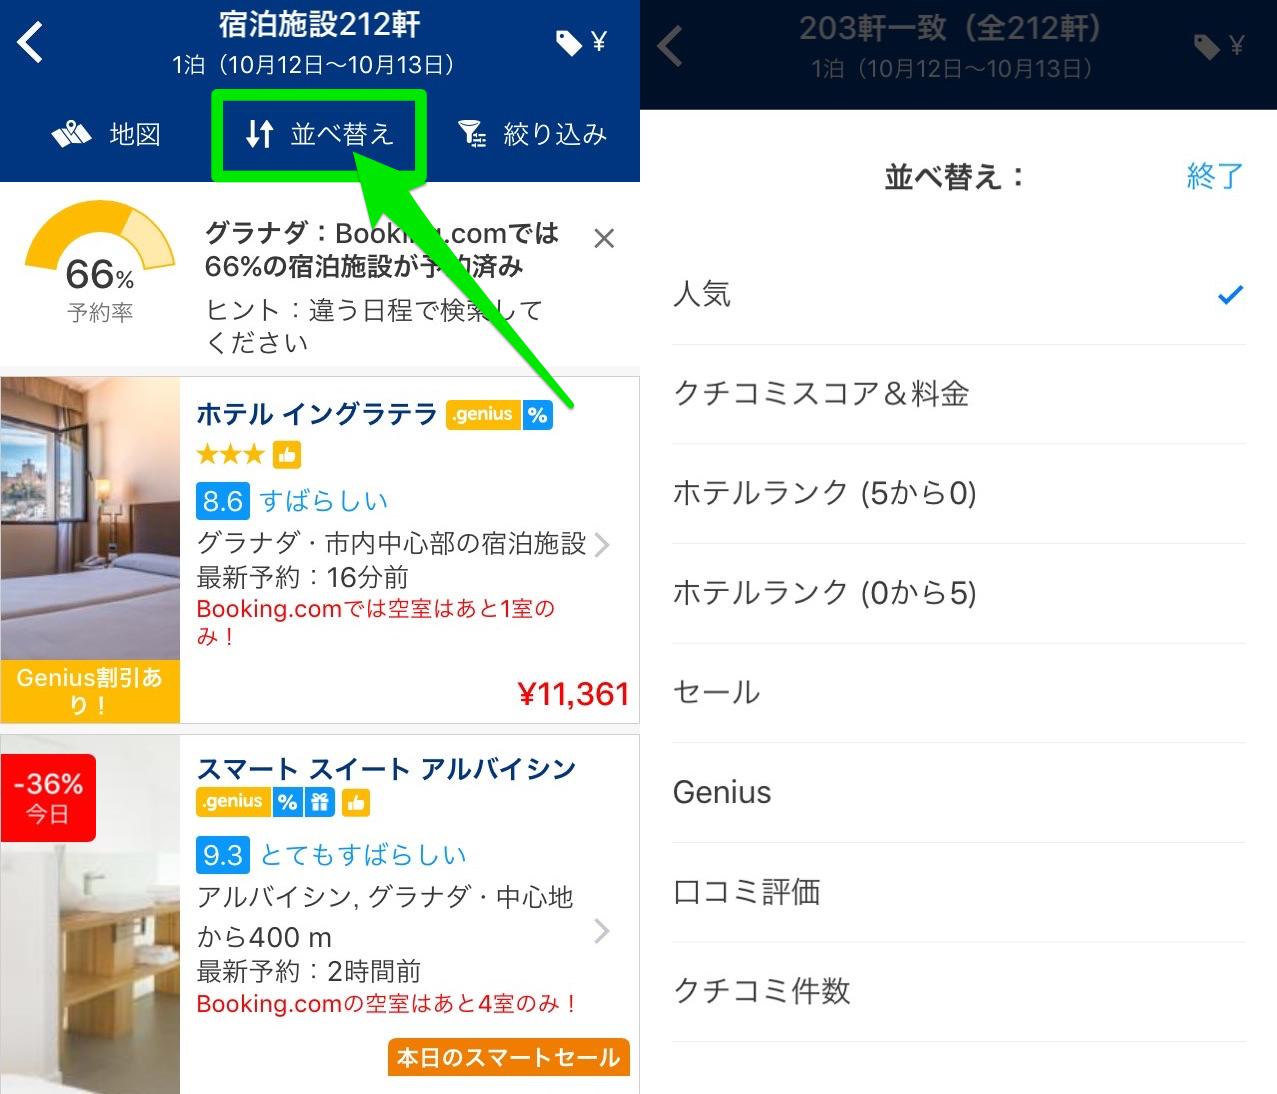 ブッキングドットコムのアプリで出てきたホテルを並び替え